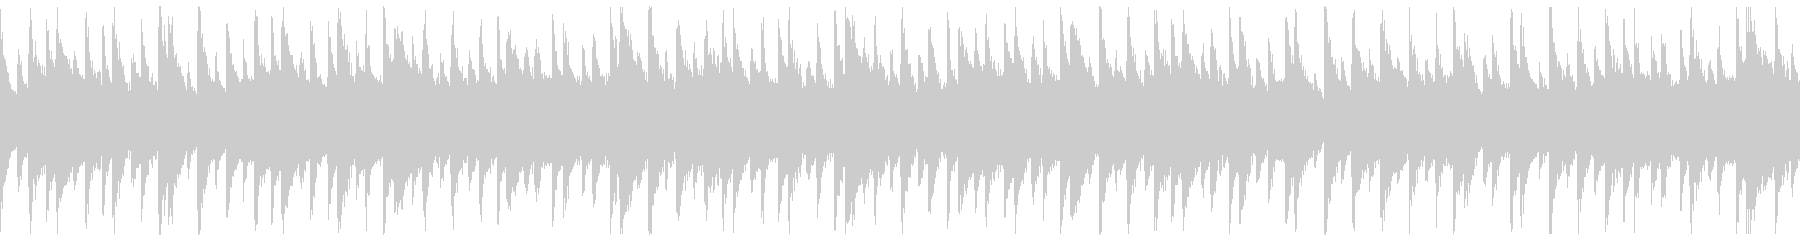 西アフリカ リュート型弦楽器 スローの未再生の波形